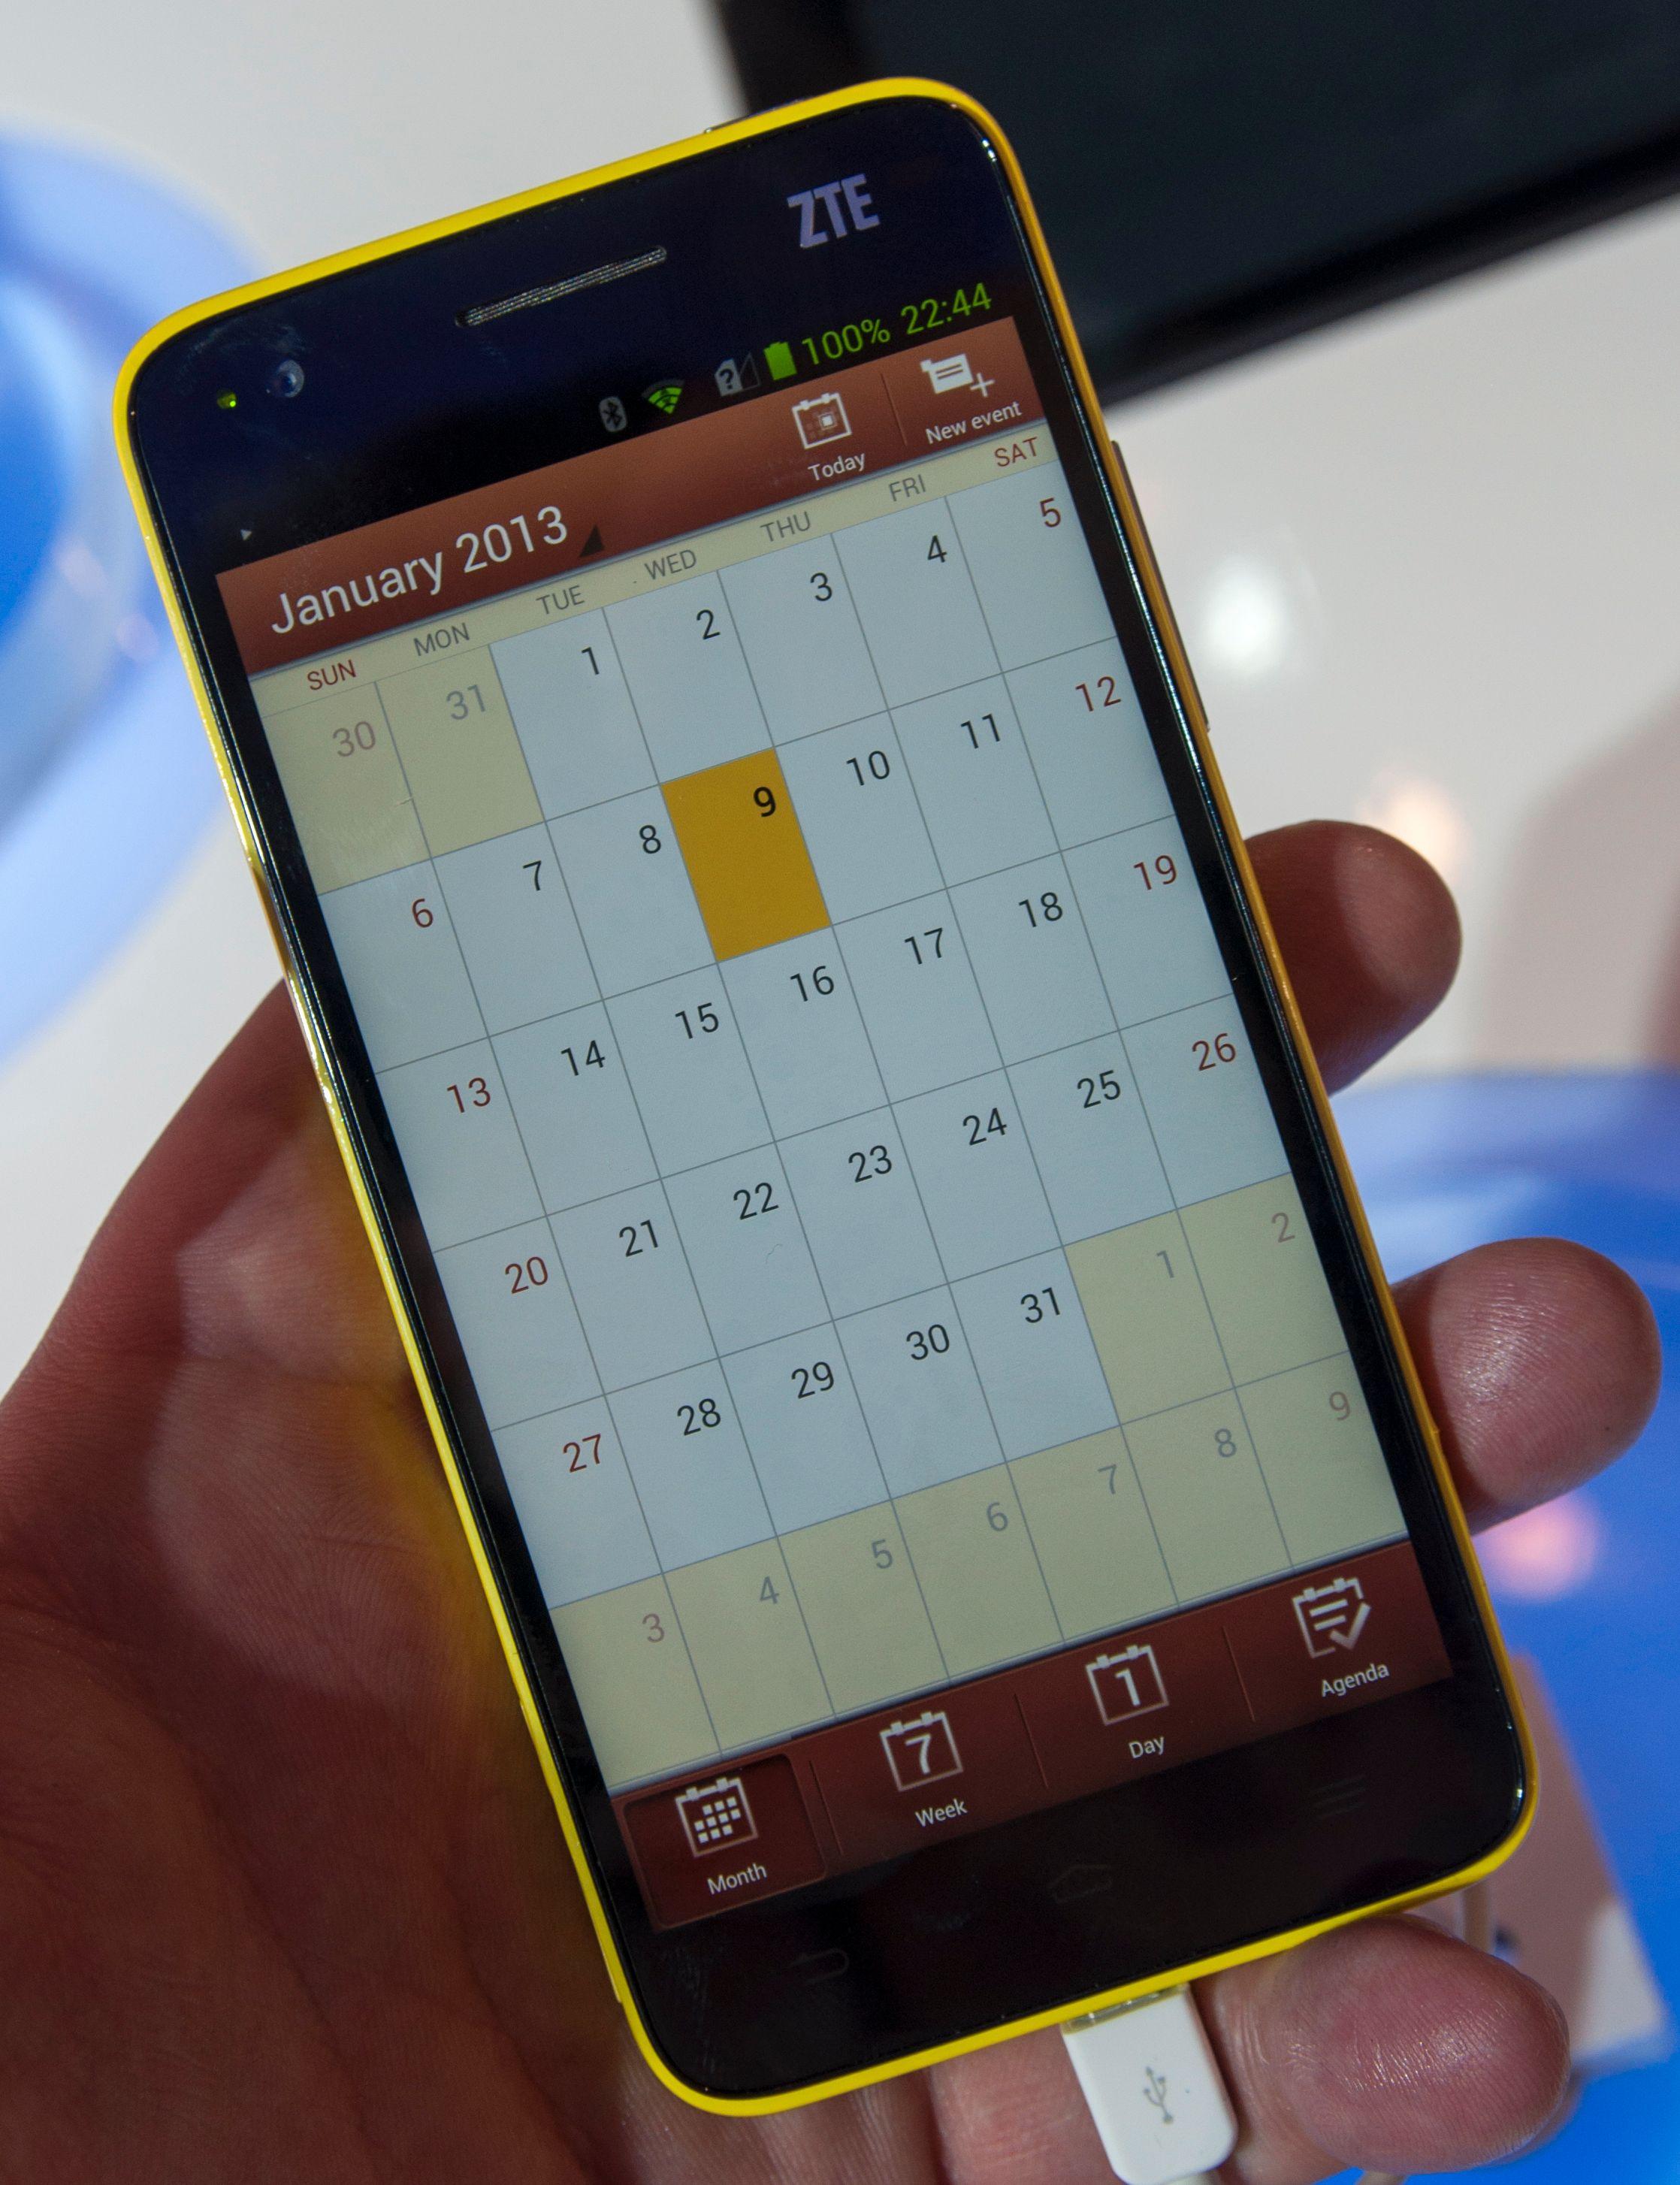 Kalenderen har blitt frisket opp voldsomt i forhold til standardkalenderen i Android.Foto: Finn Jarle Kvalheim, Amobil.no